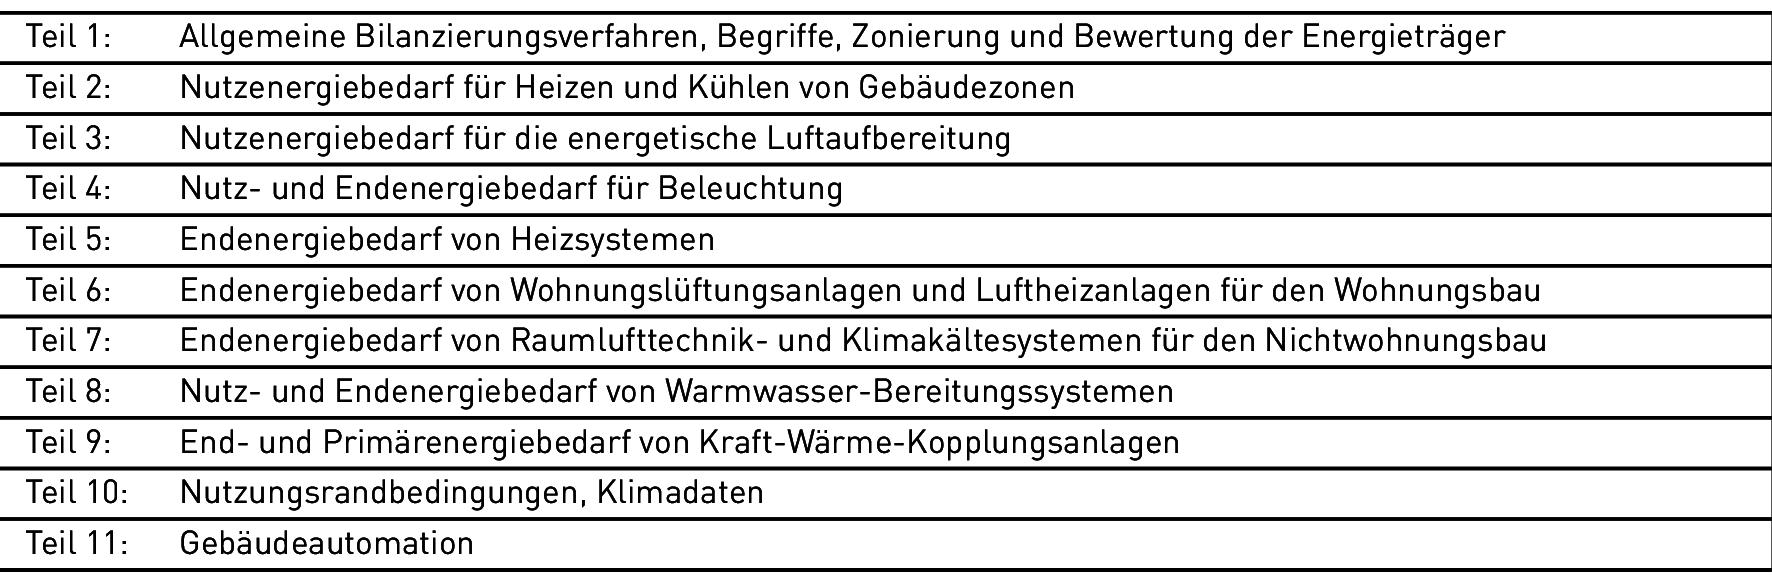 Deutsche Norm DIN V 18599